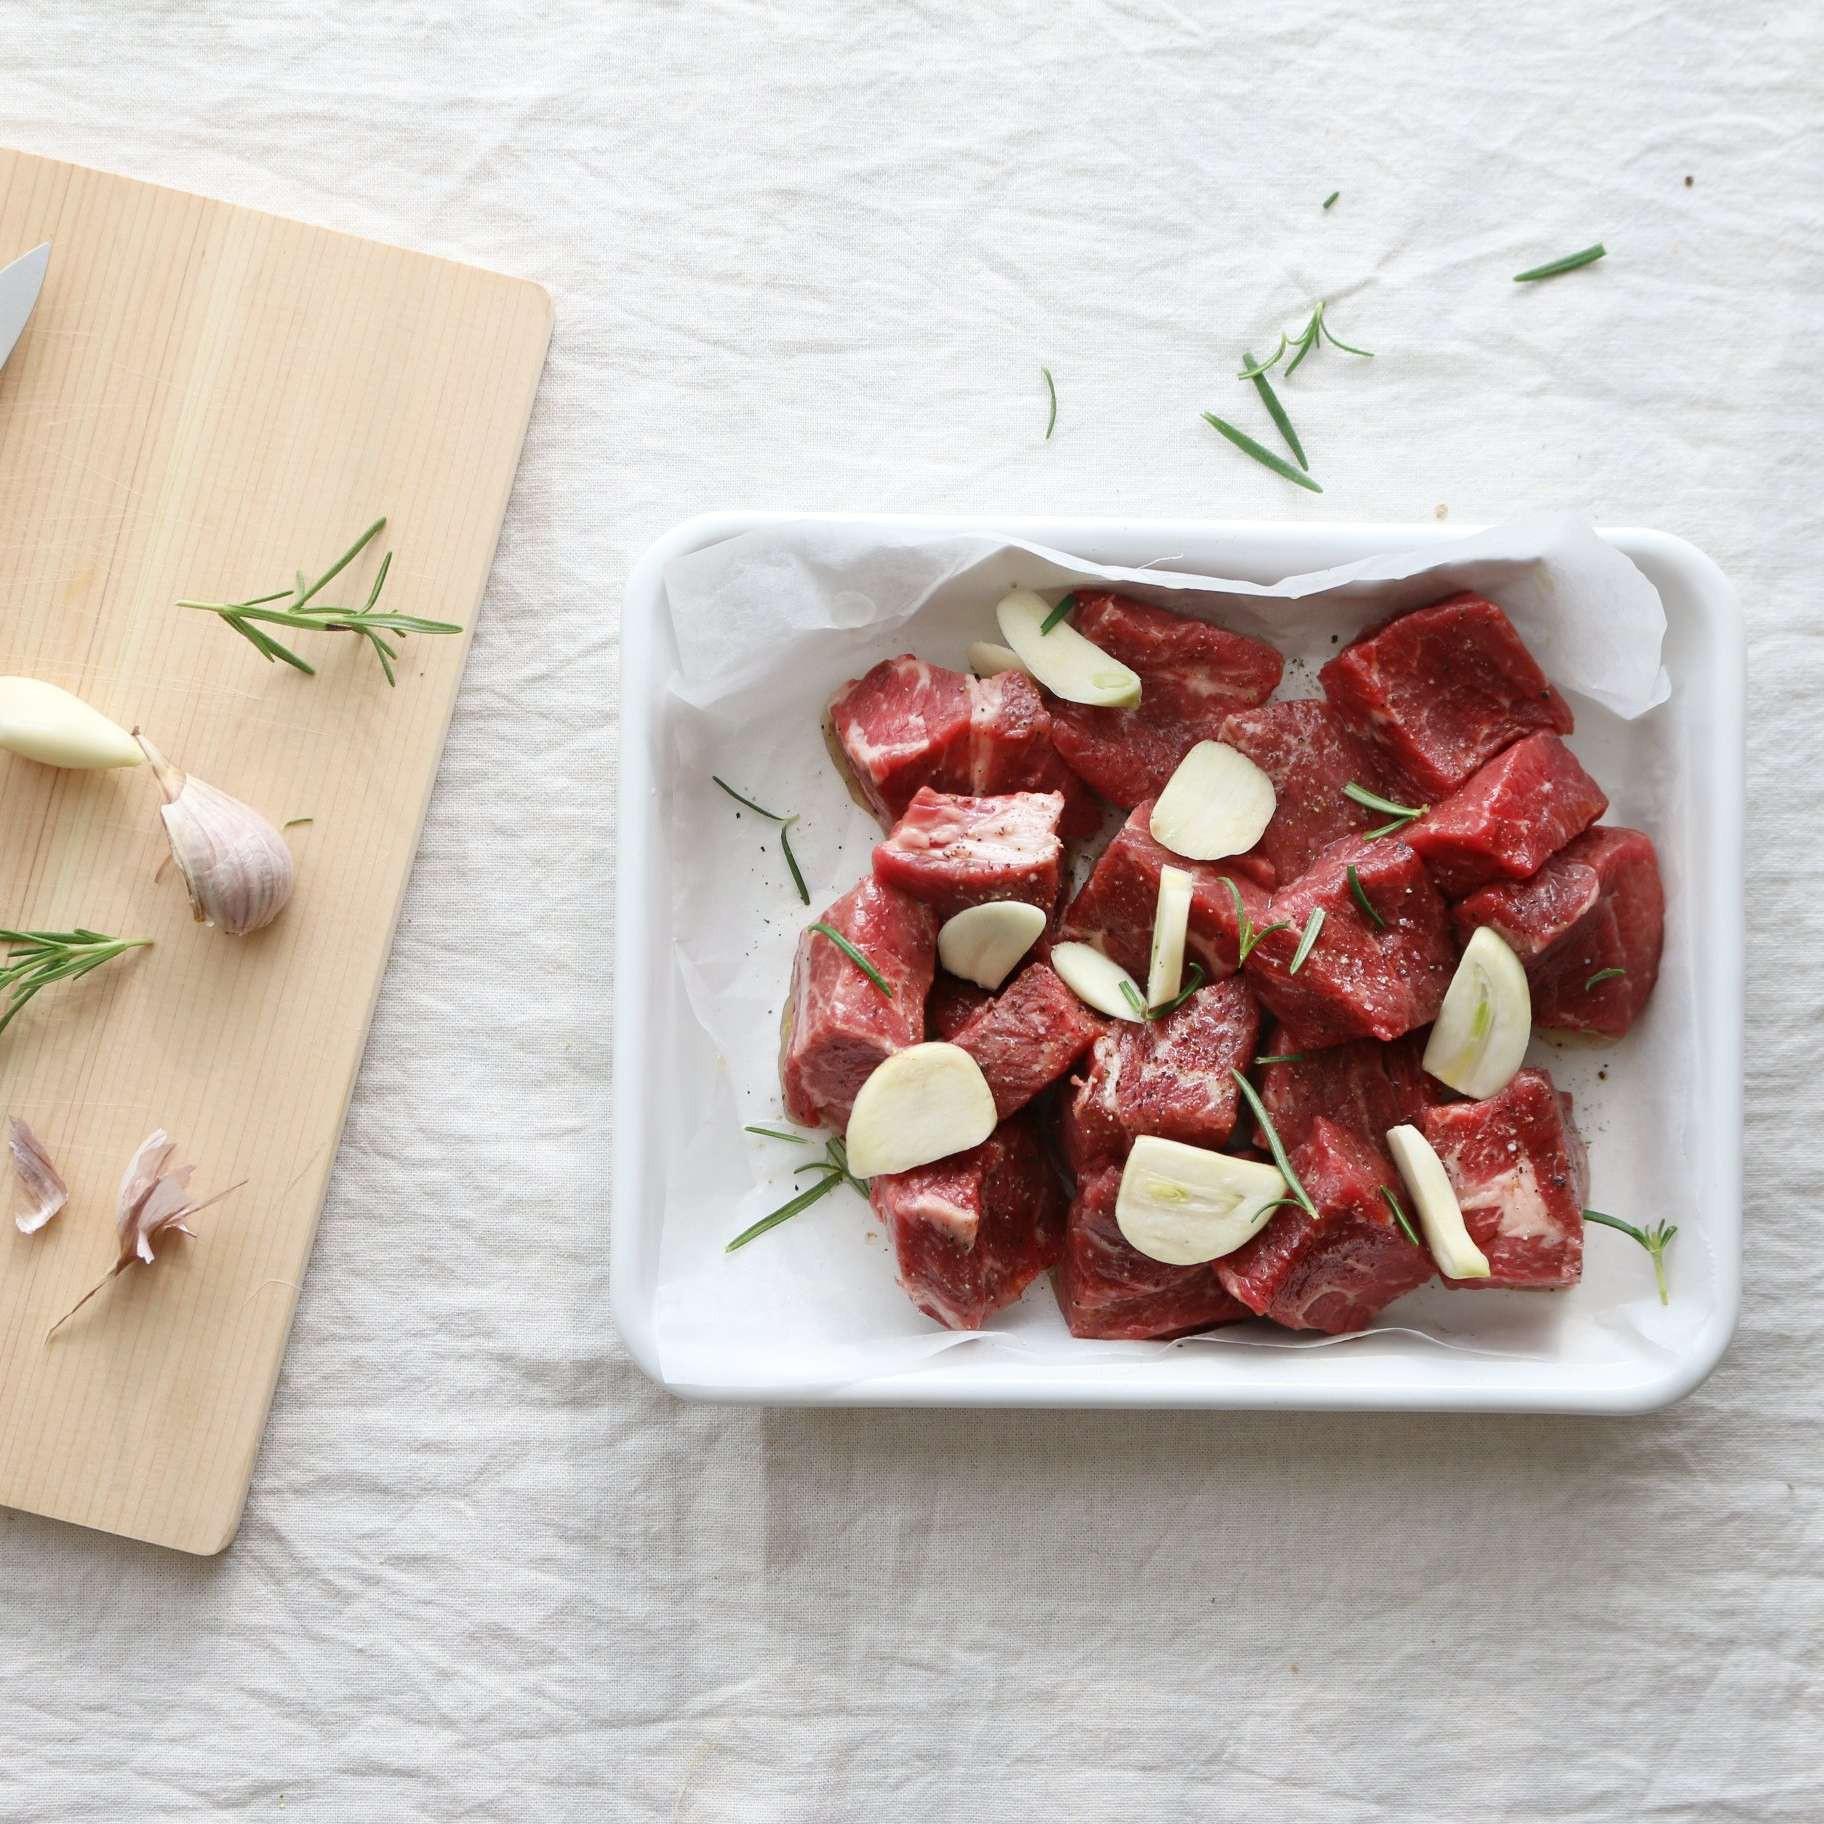 Để có món bò xào mềm ngon, bạn nhất định phải thử công thức này - Ảnh 2